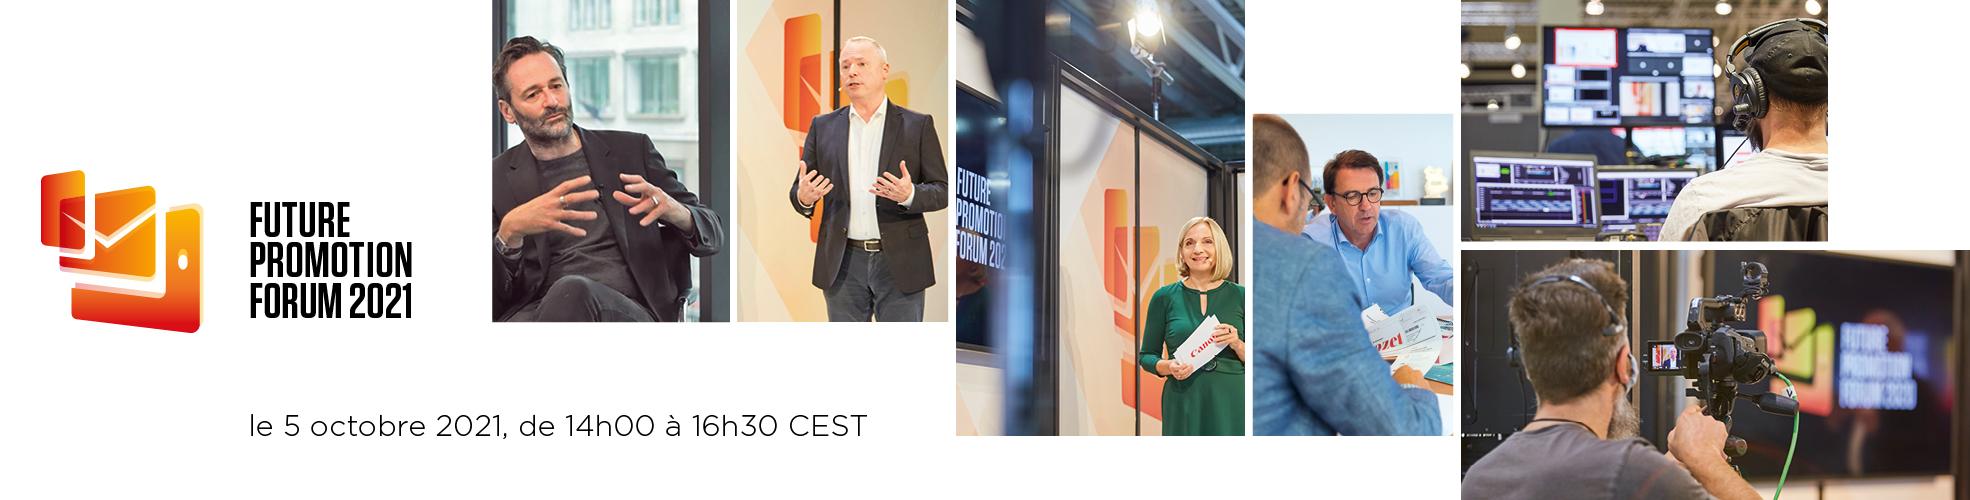 Future Promotion Forum 2021 - le 5 octobre 2021